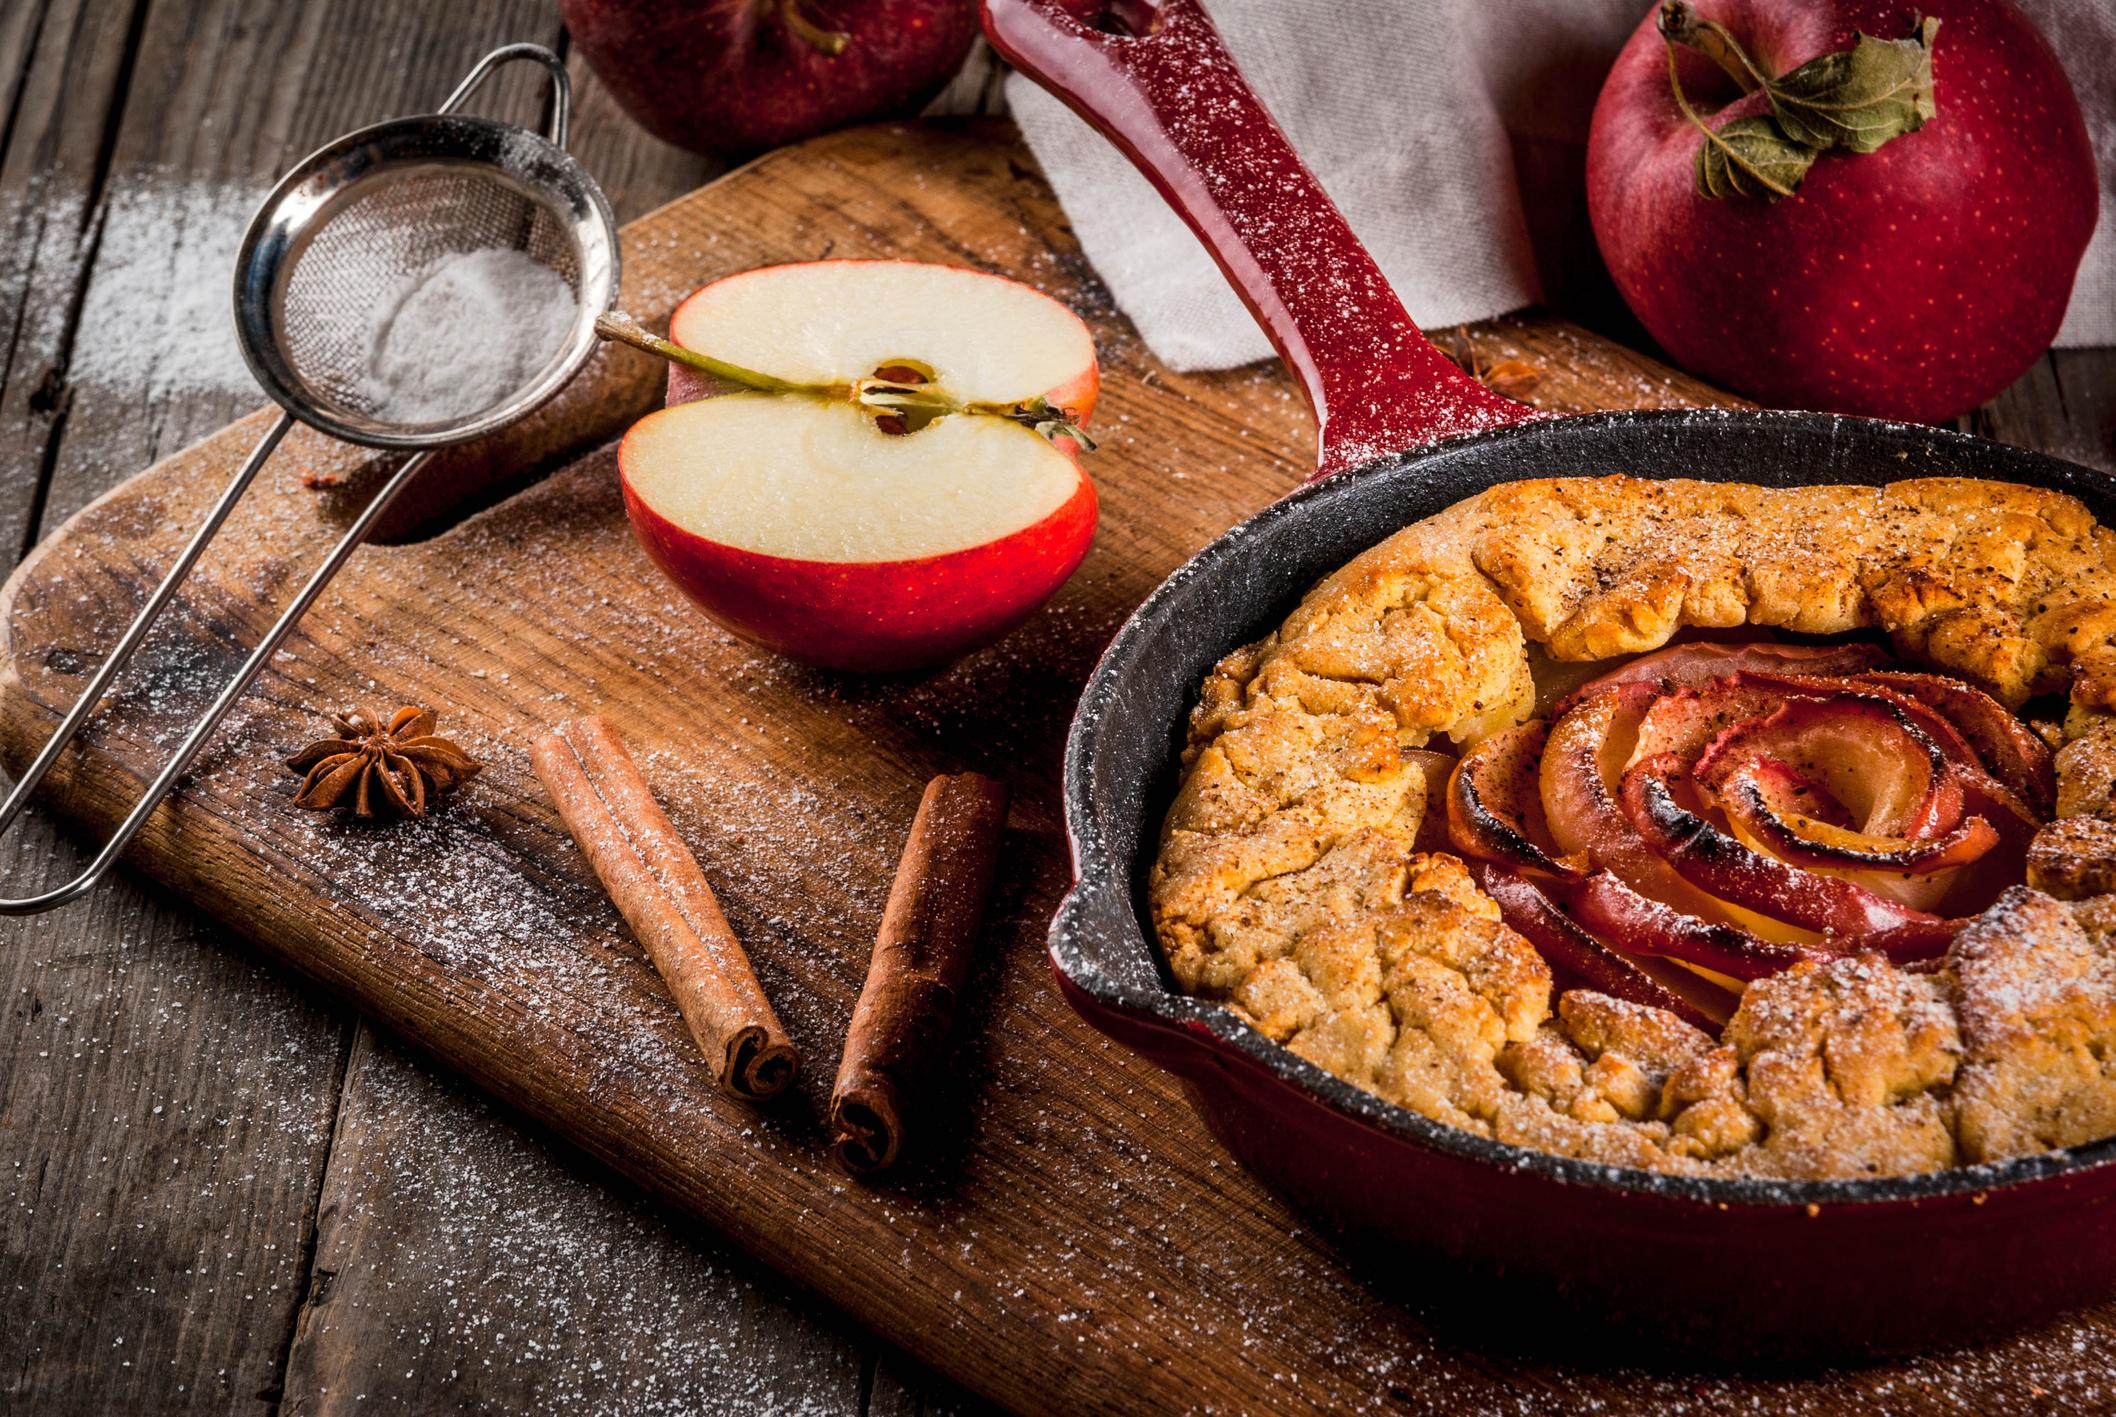 Galette rustica di mele, ricetta